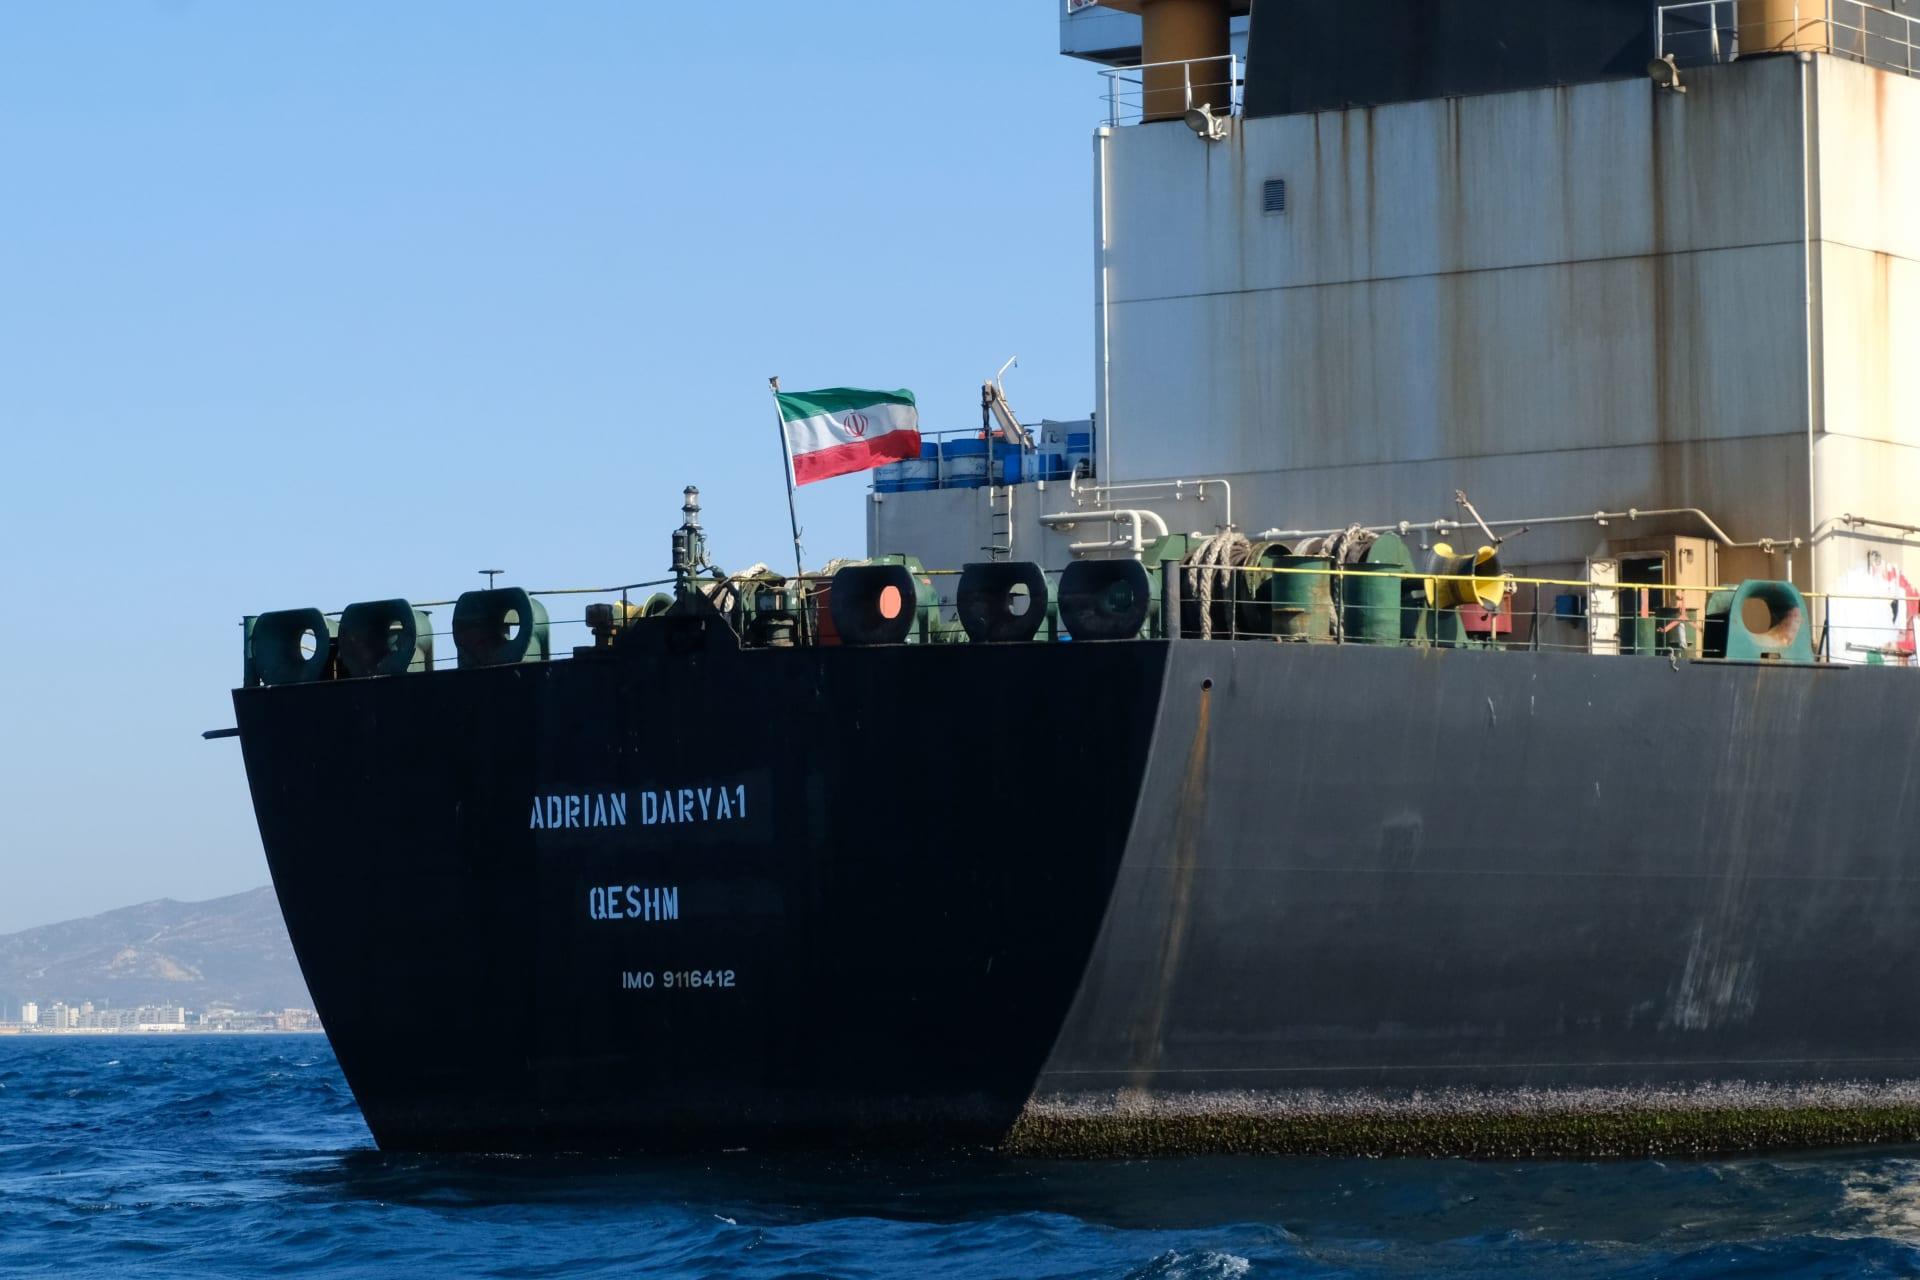 """الخارجية البريطانية تستدعي سفير إيران لإدانة بيع نفط """"أدريان داريا"""" لسوريا"""